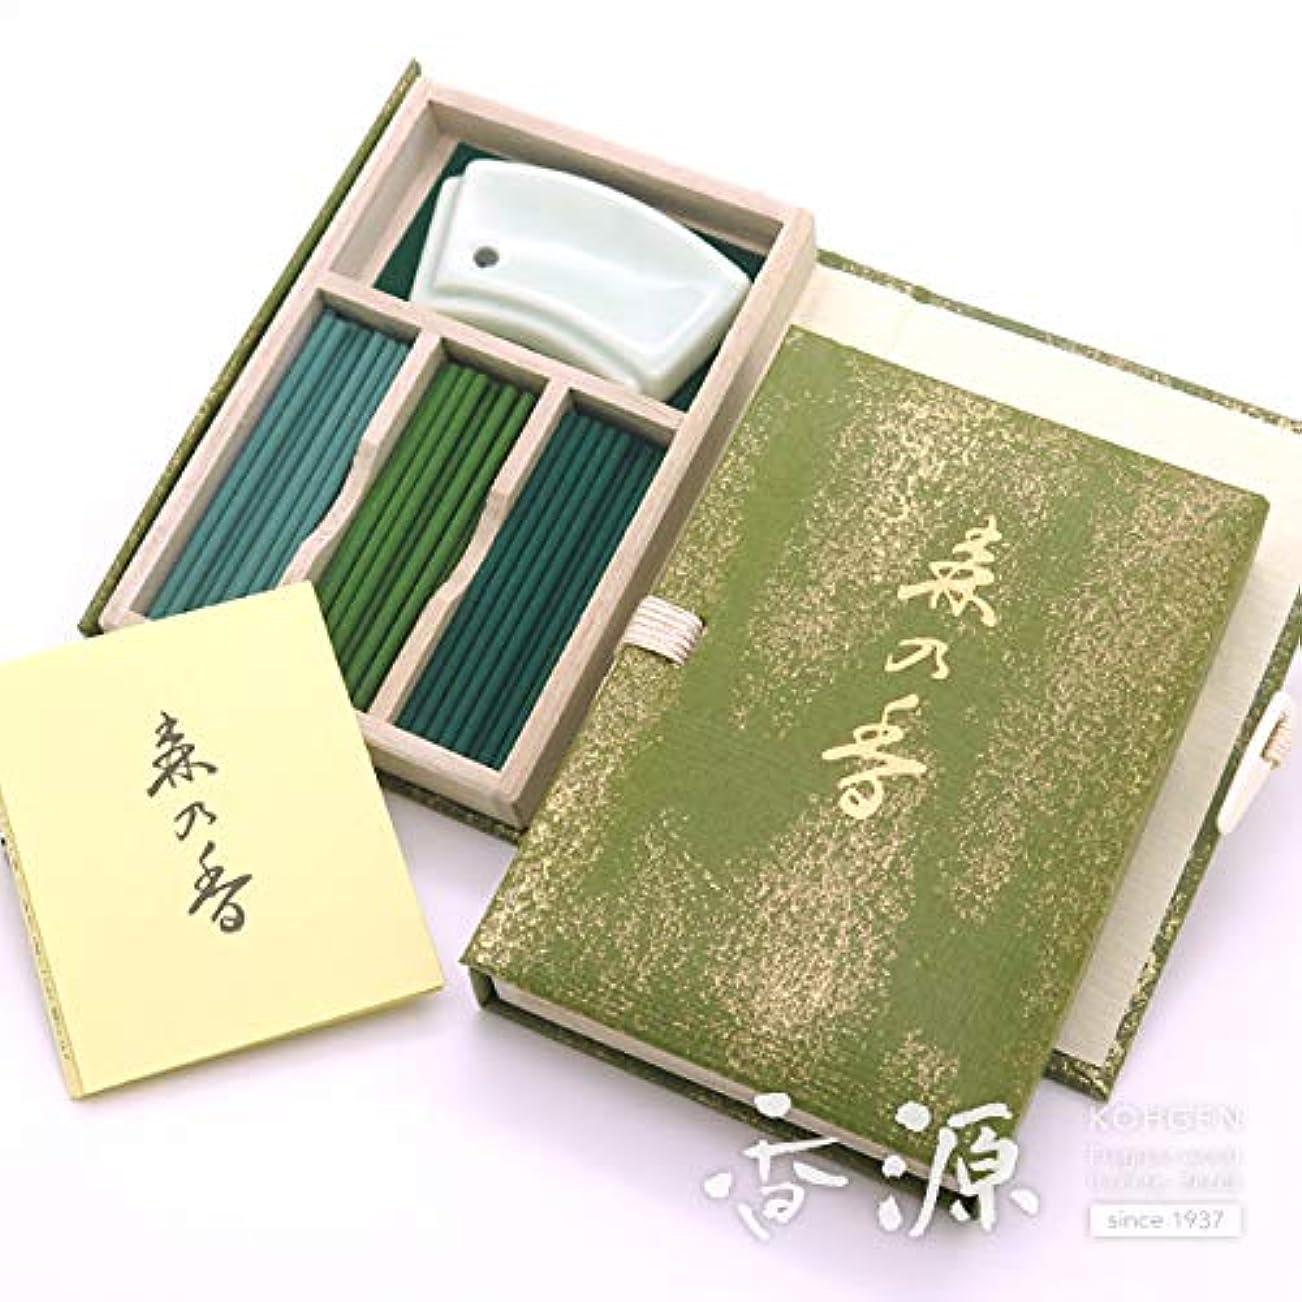 ダッシュ抜本的な昨日日本香堂のお香 森の香 スティックミニ寸文庫型 60本入り